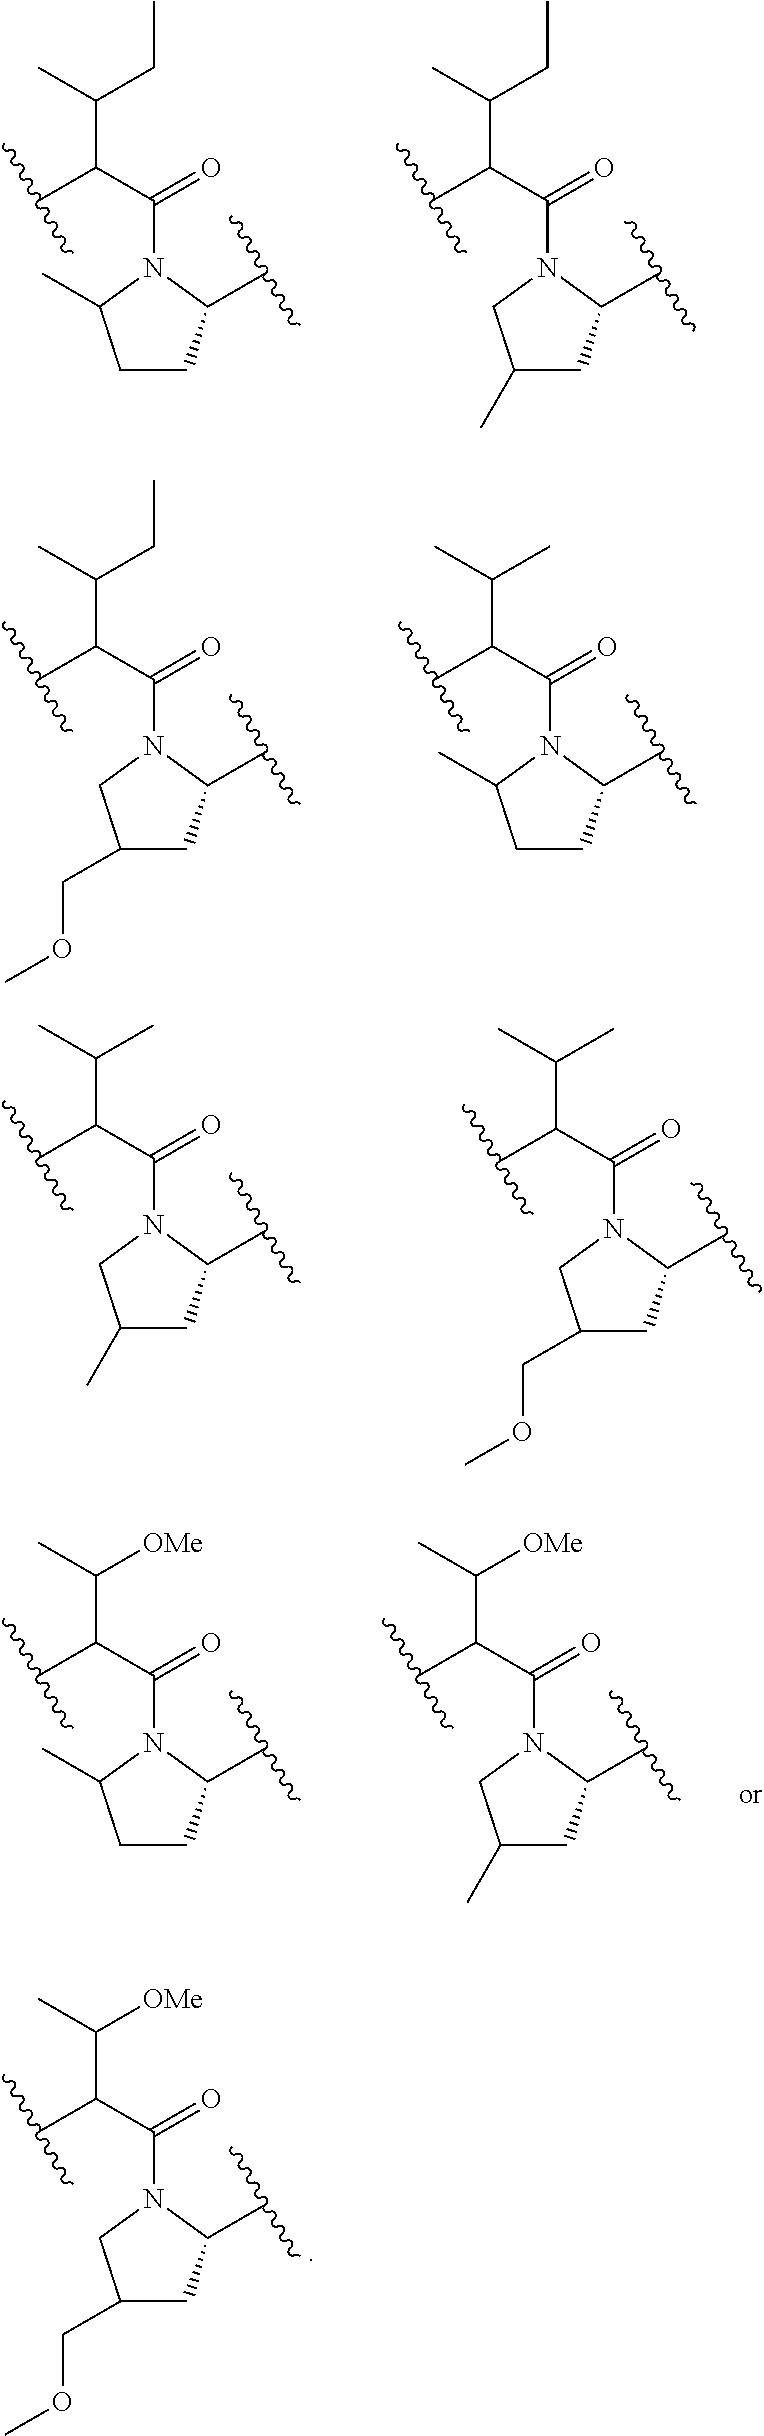 Figure US09868745-20180116-C00045